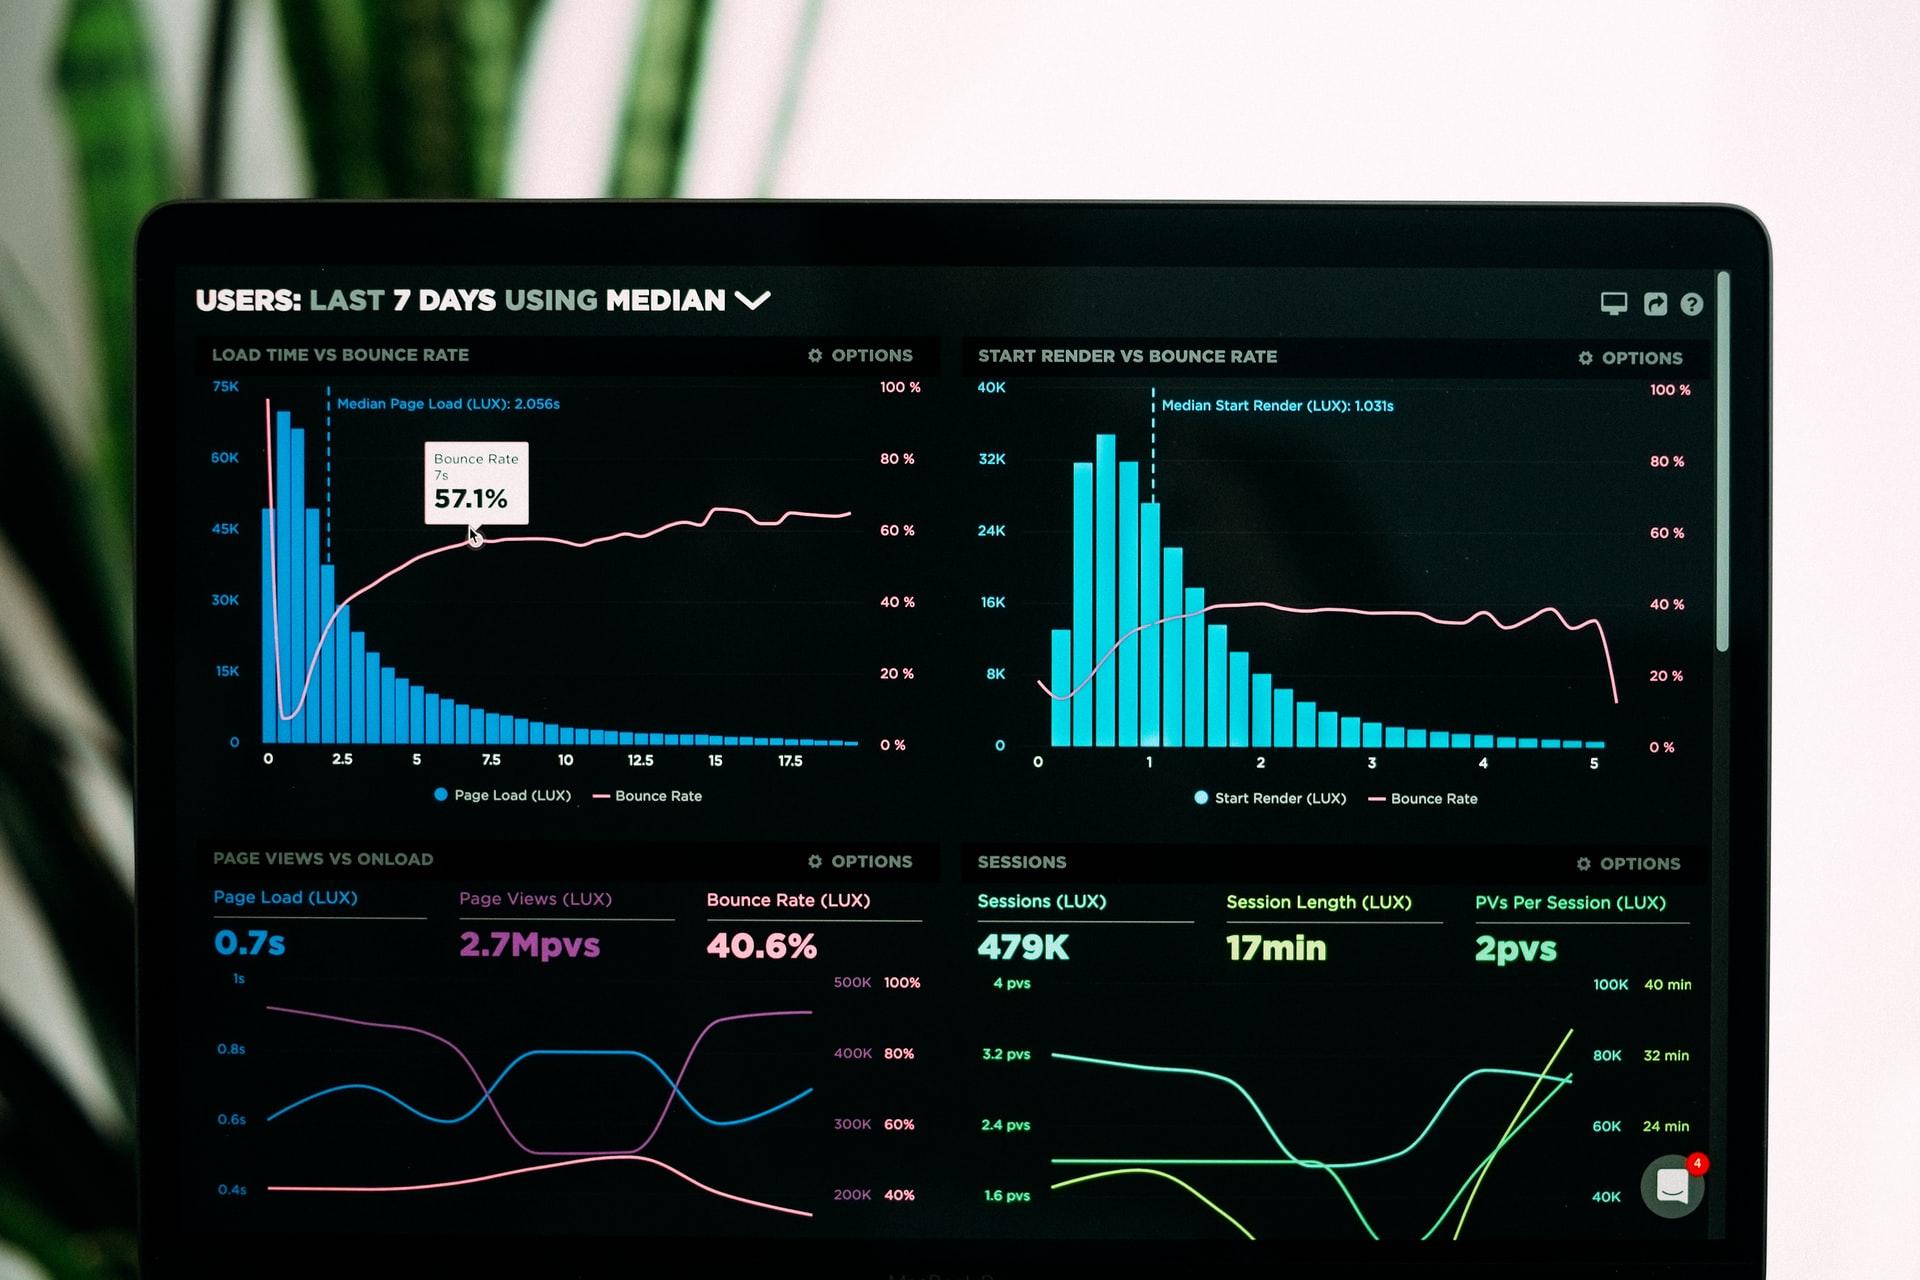 移动广告聚合平台分析 (Fyber、Heyzap、Ironsource)